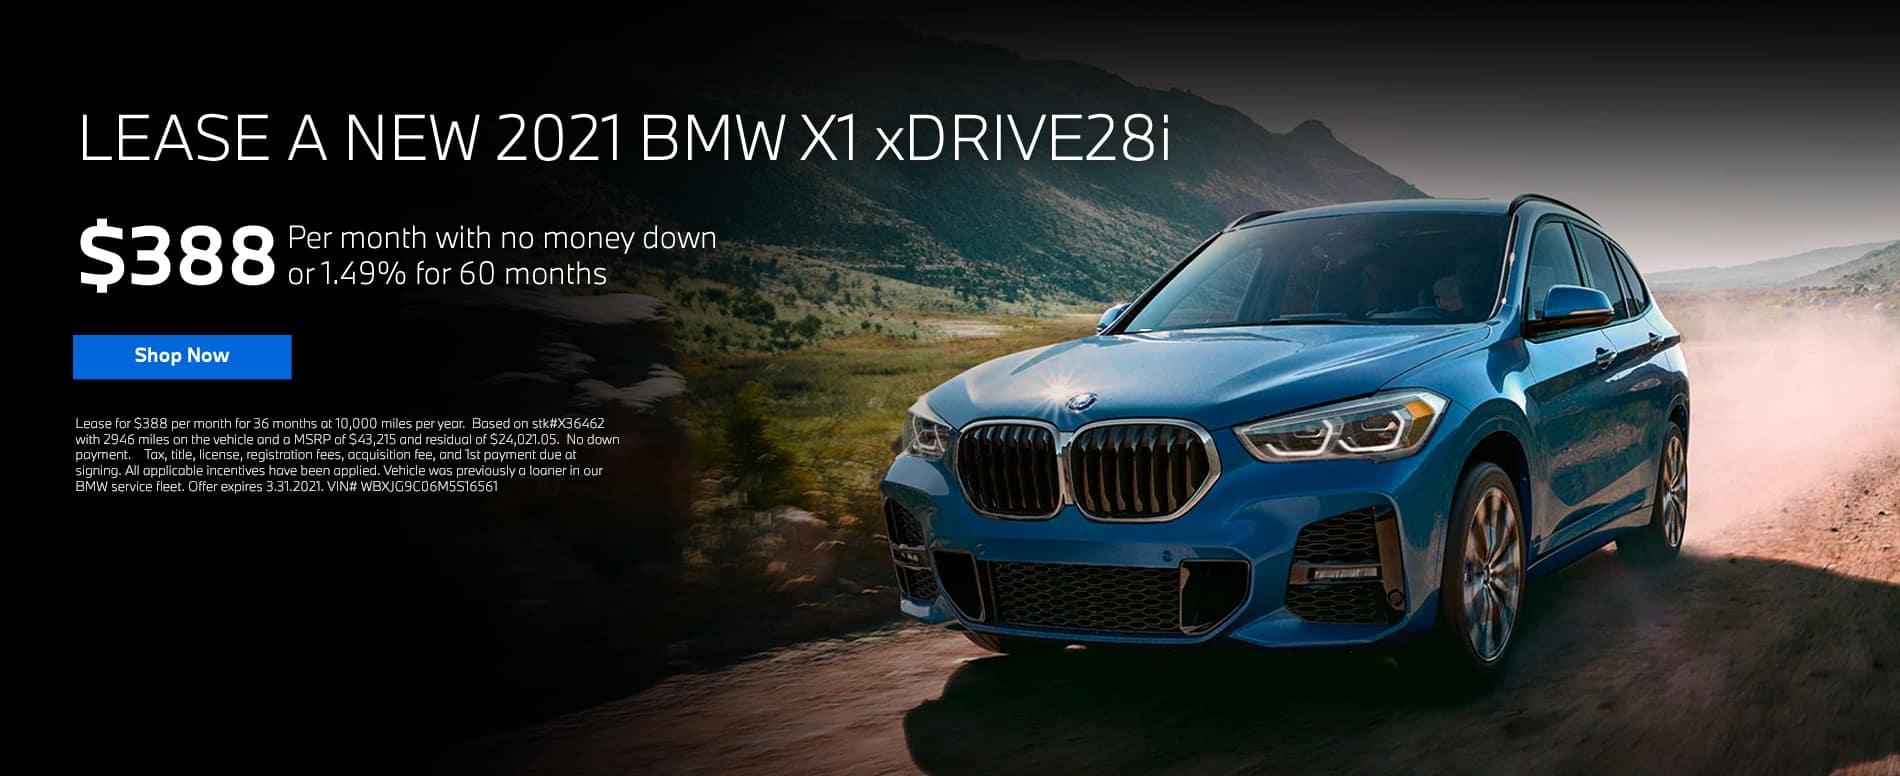 Bill Jacbos BMW X1 Lease